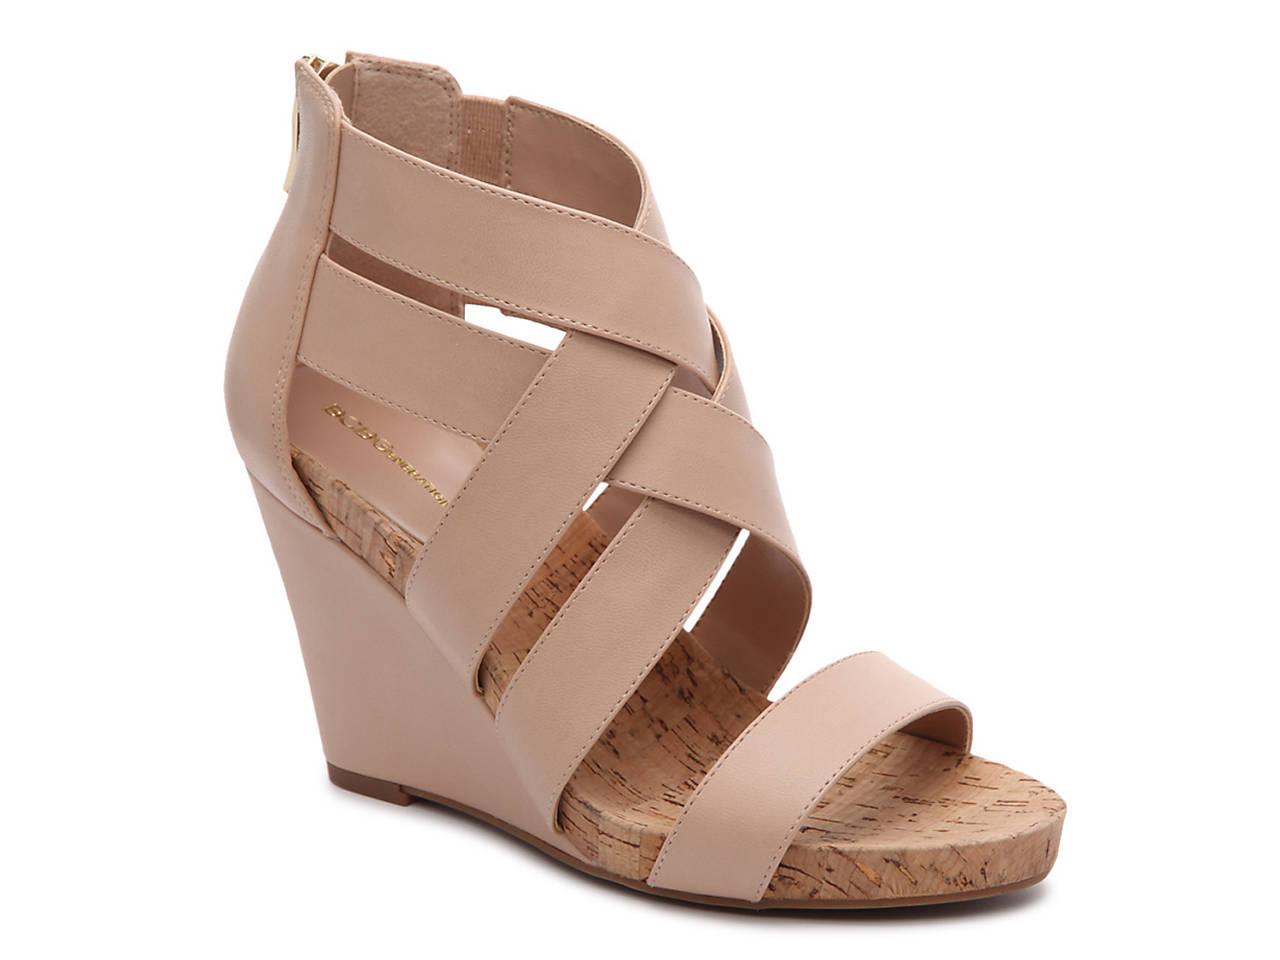 Black sandals at dsw - Bevlea Wedge Sandal